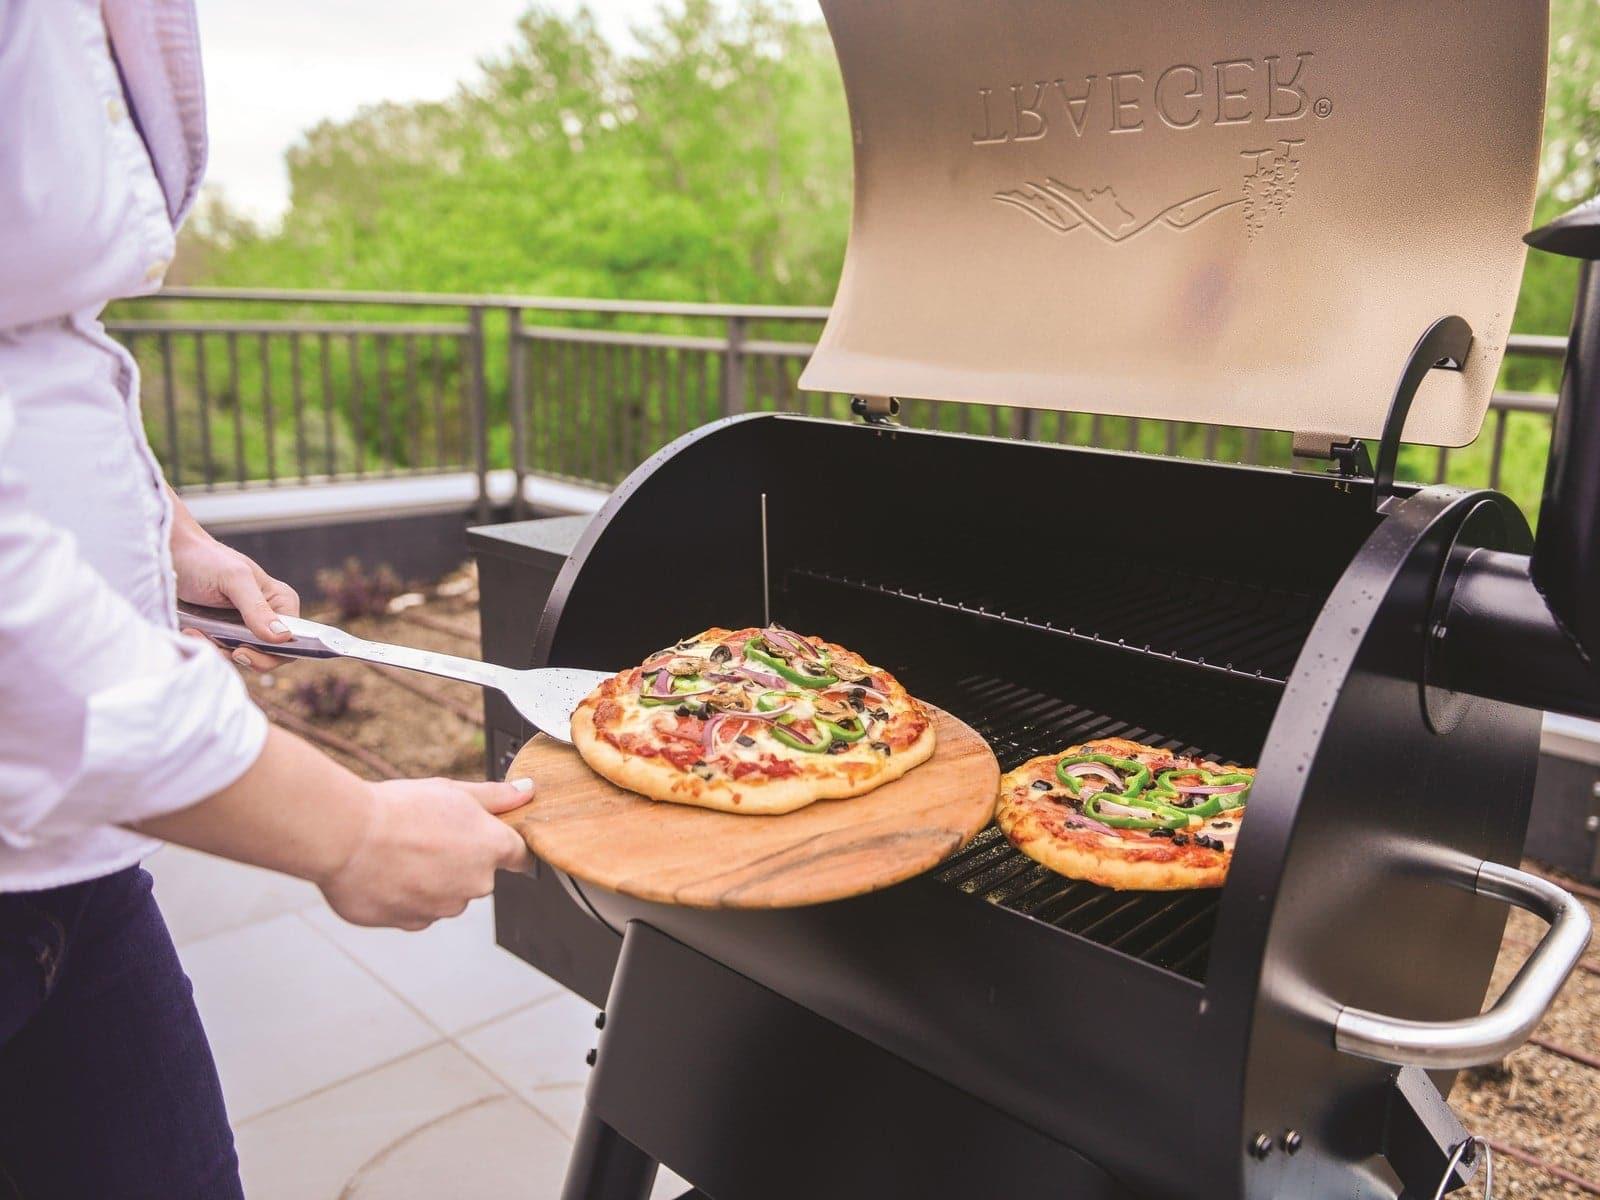 סרטוני מתכונים - להכין פיצה עם הילדים על הטרייגר– טרייגר גריל מעשנת בשר ביתית, שבבי עץ לעישון, גריל בשר, טאבון, כלים למנגל ואביזרים למנגל